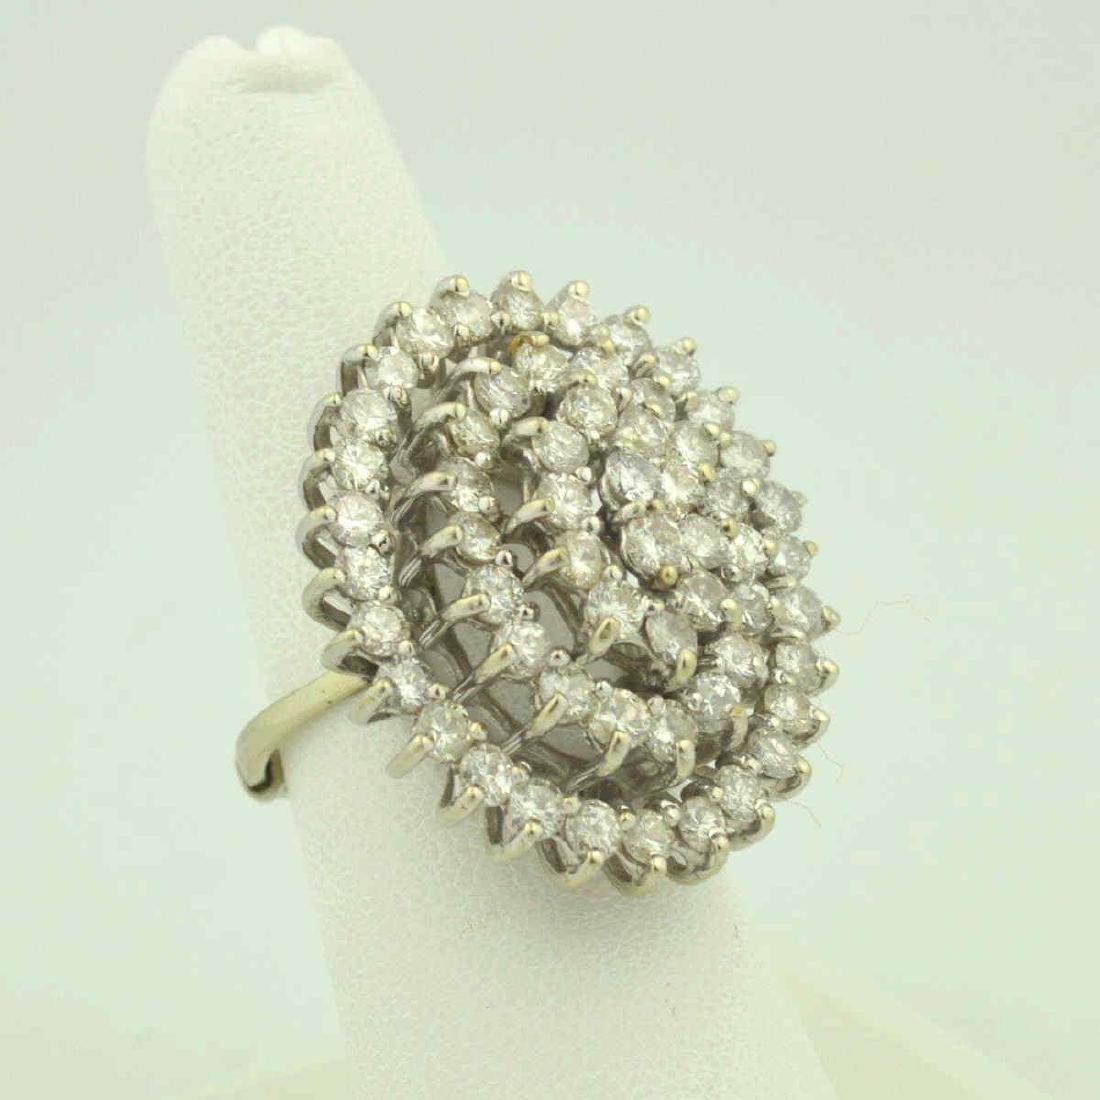 14kt white gold diamond cocktail ring - 3